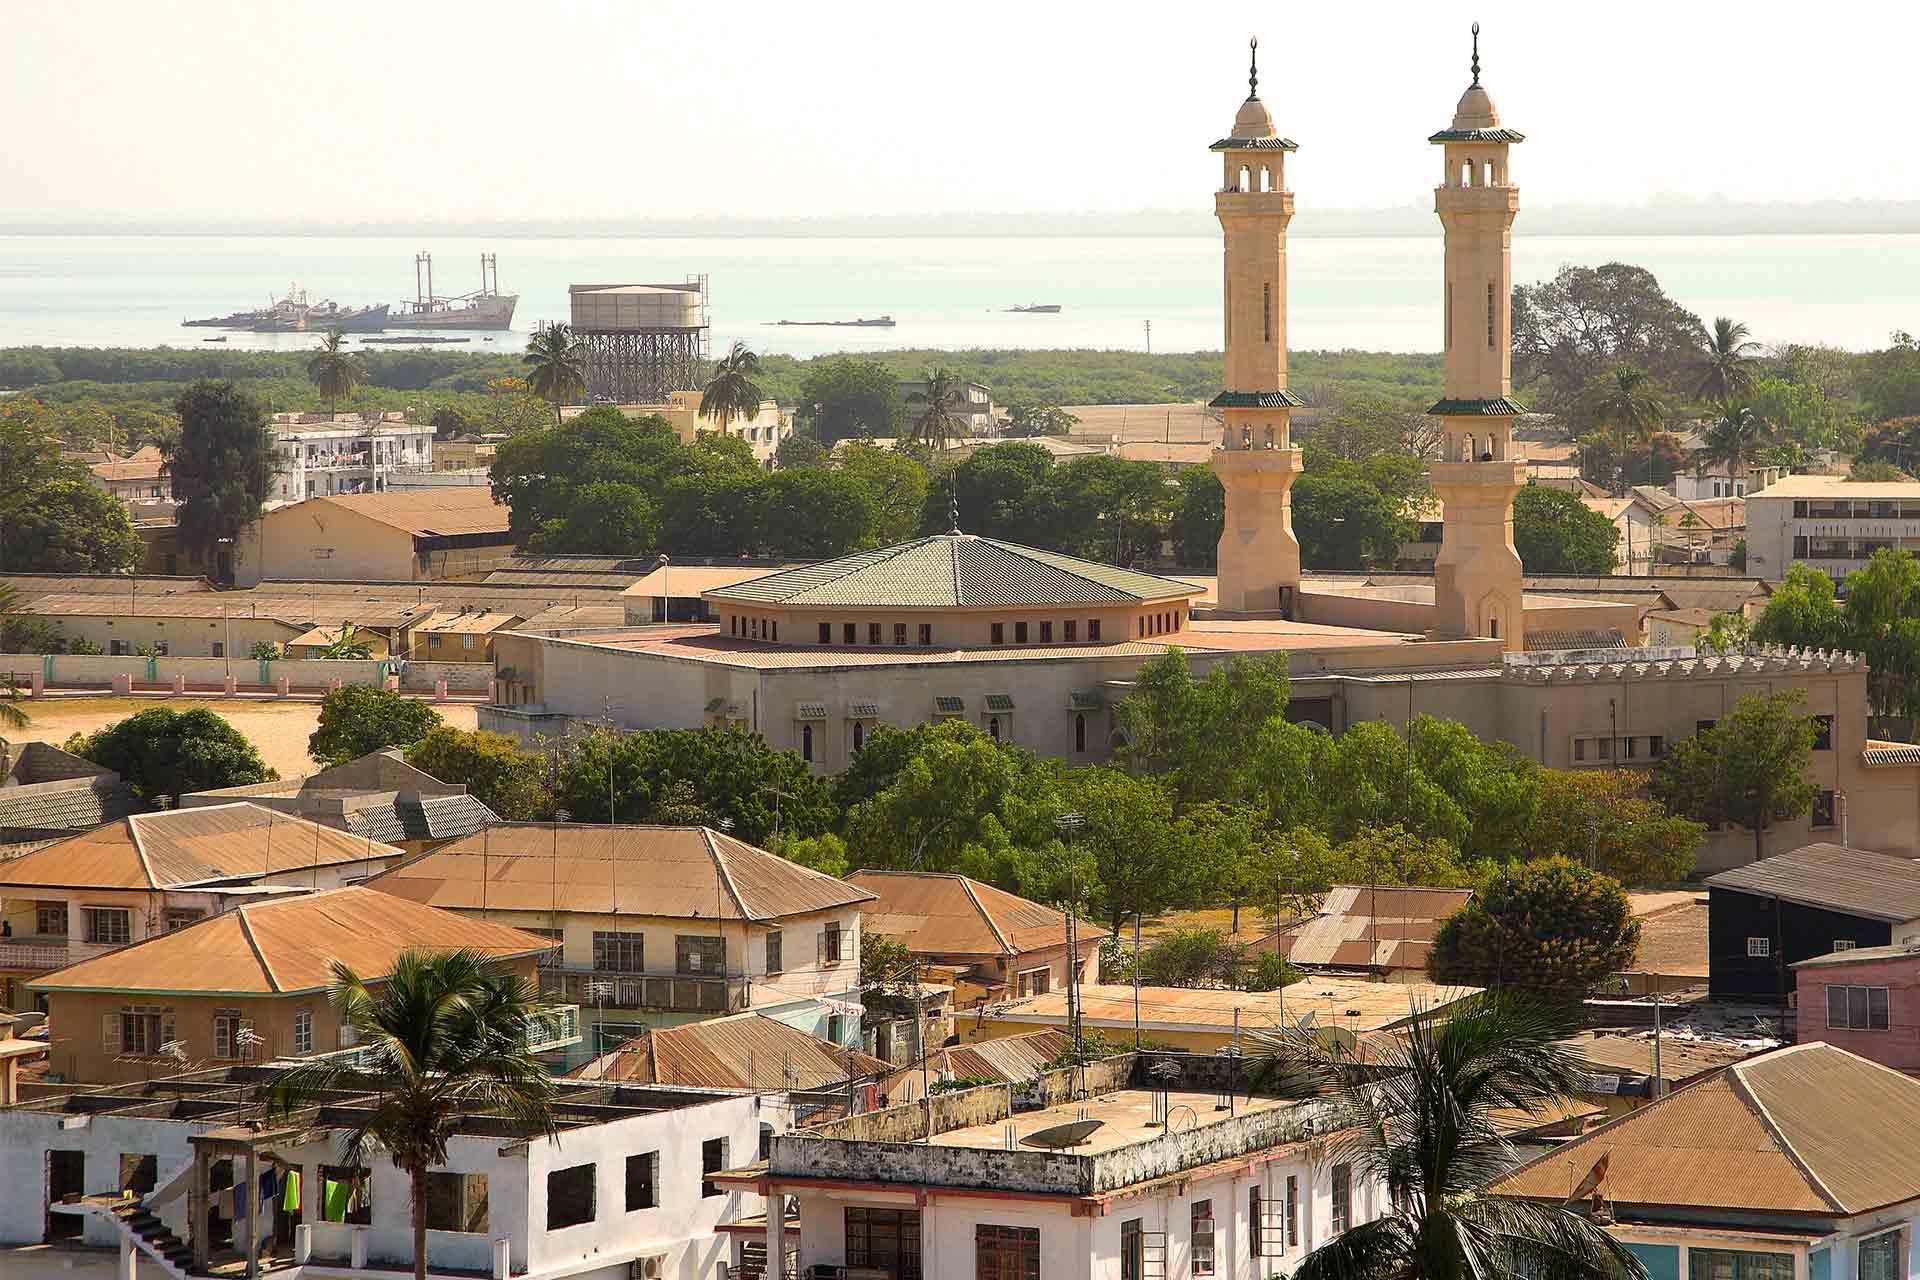 Sehenswürdigkeiten in Gambia | Besuchen Sie eine Moschee, | Kulturtag